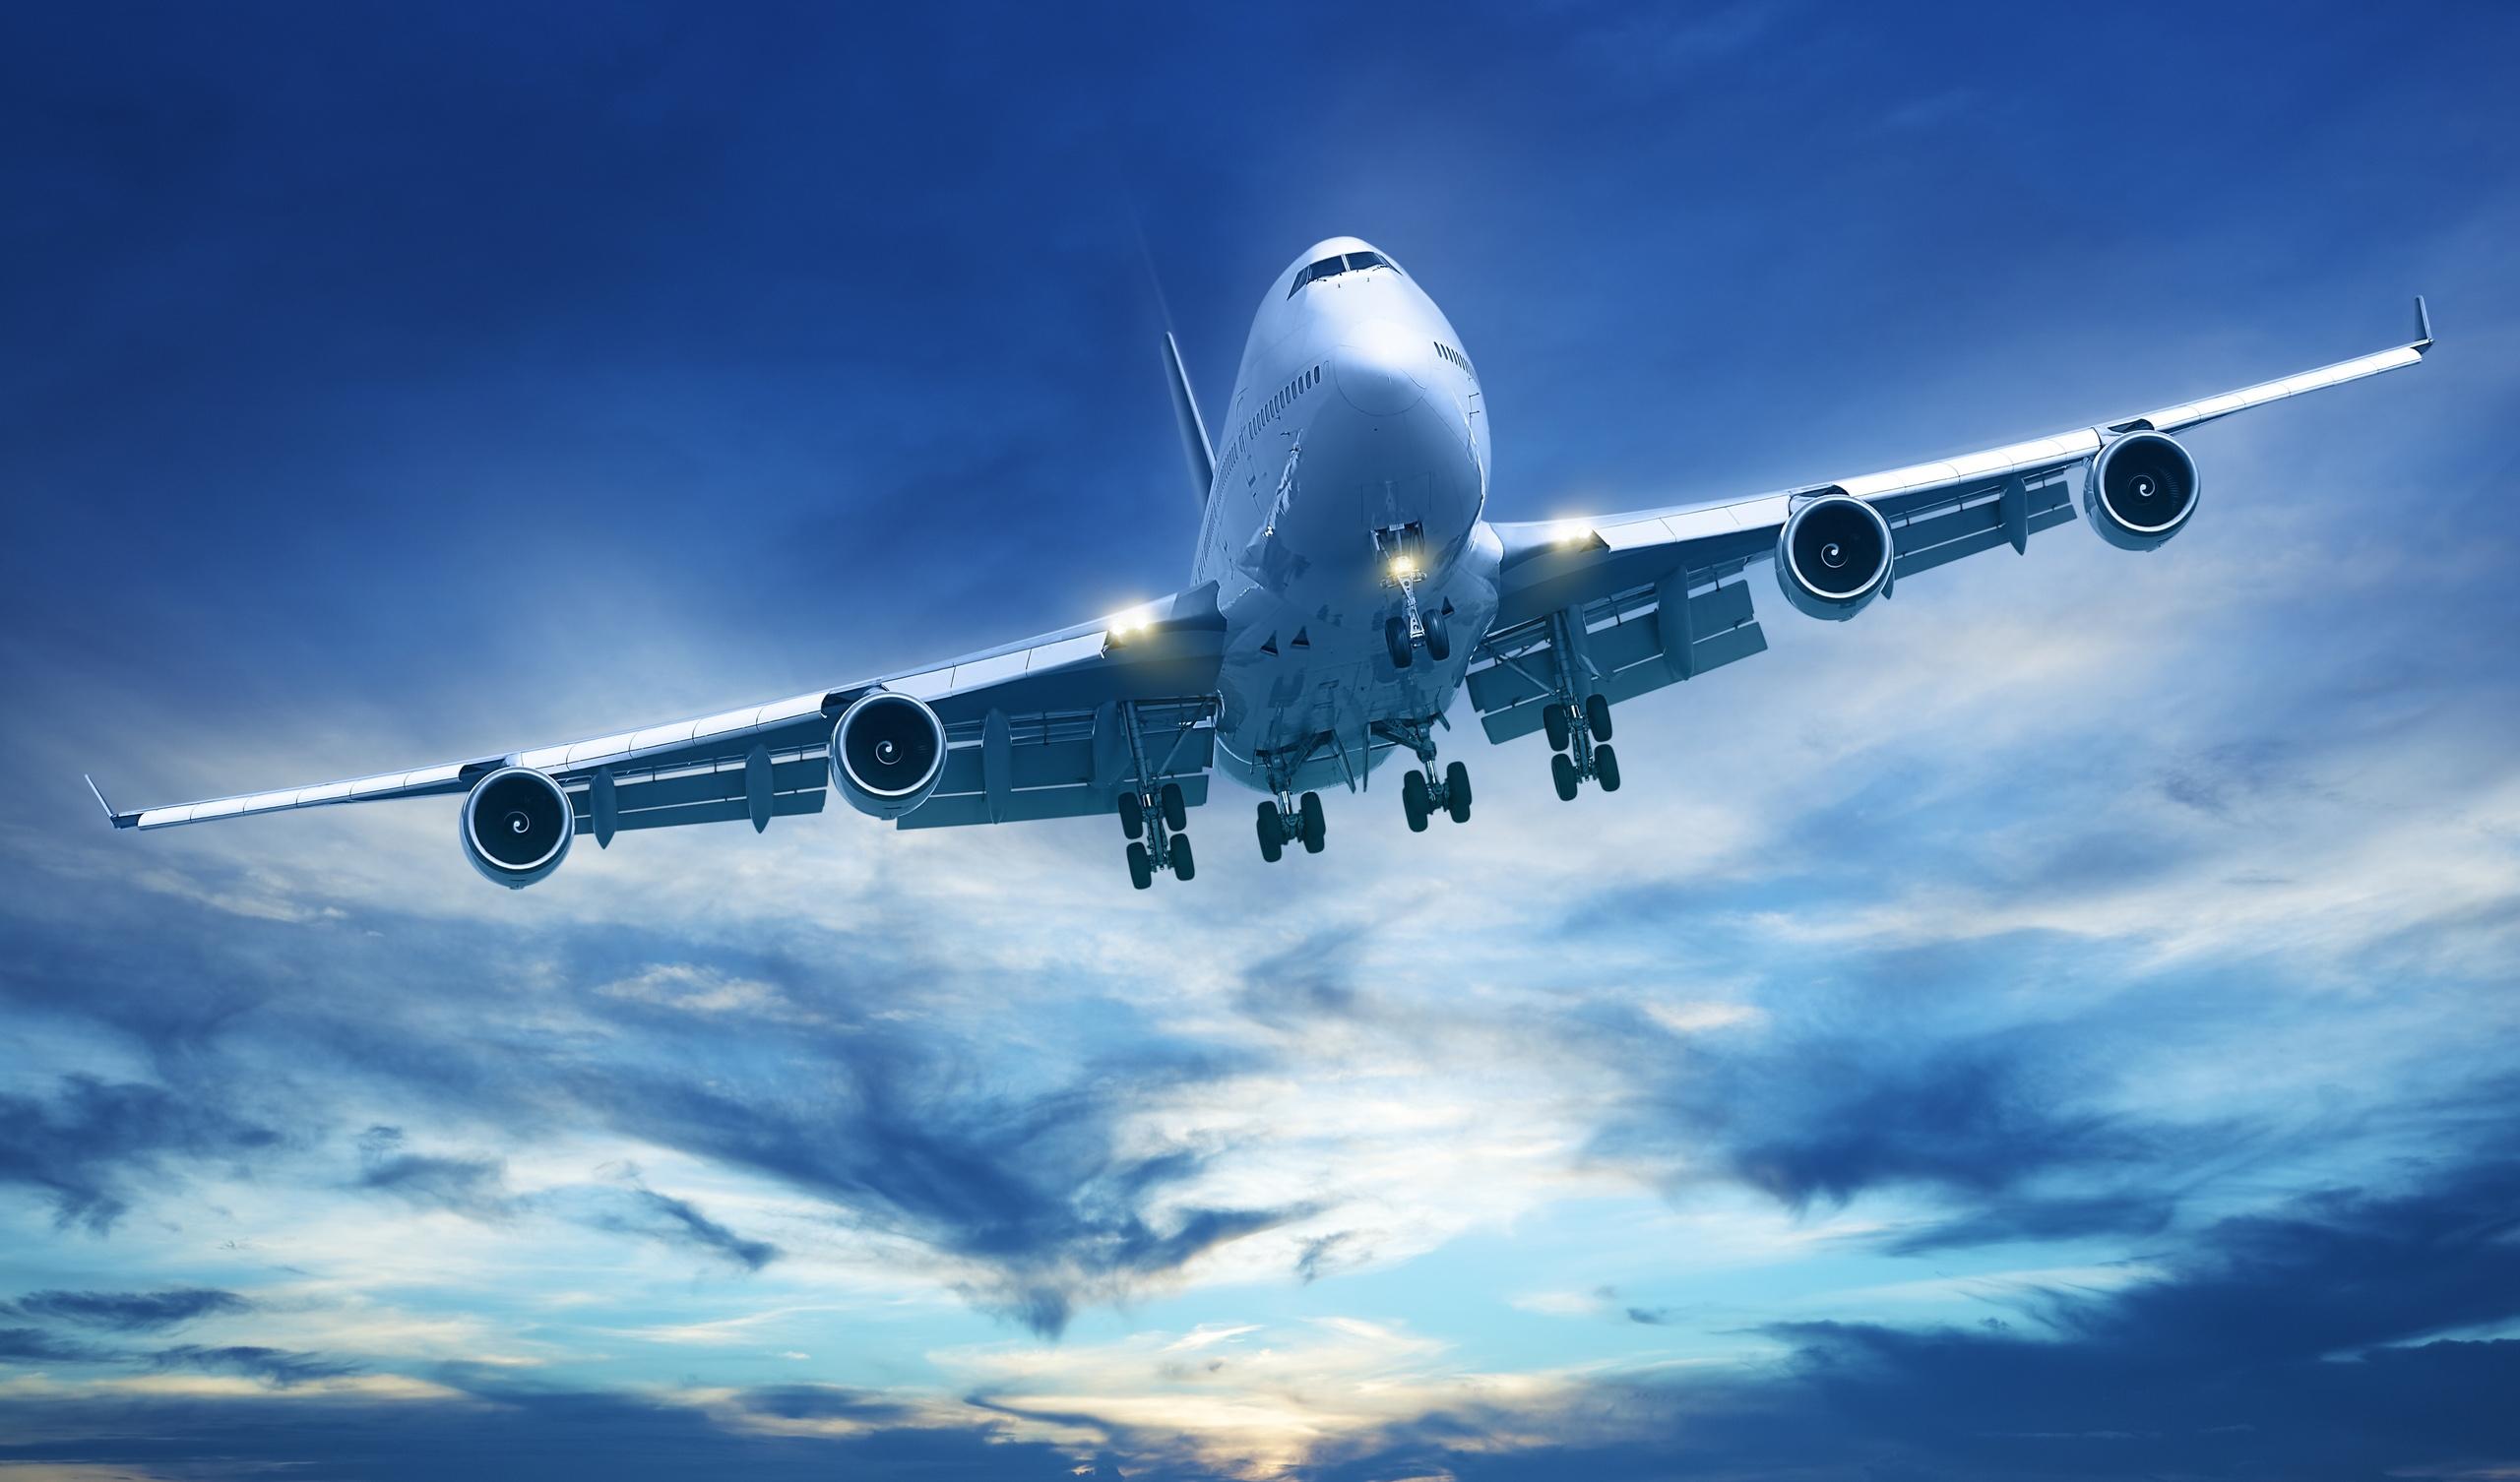 لغو مجوز پروازهای ایران و افغانستان به ترکیه از ساعت صفر بامداد امروز/بلیتها لغو شد